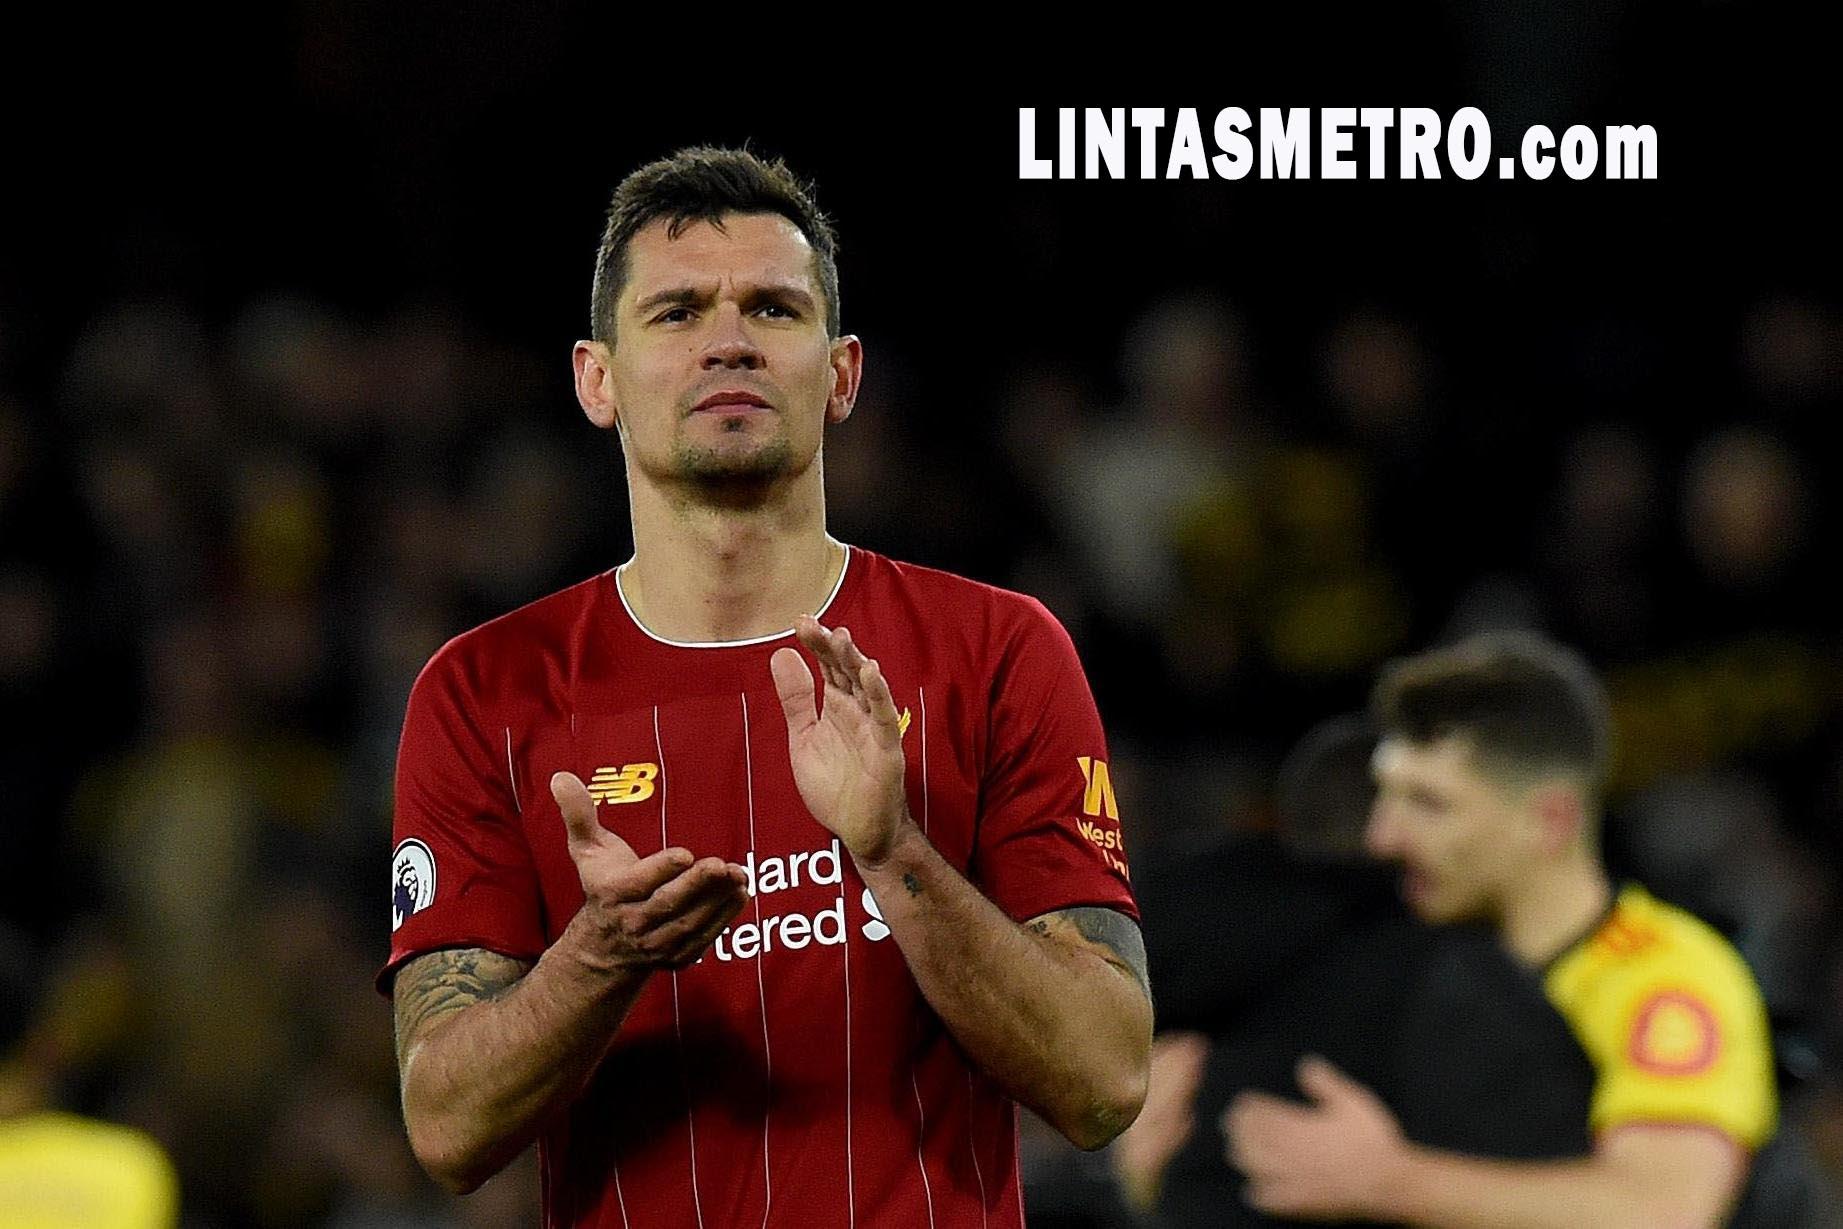 Pemain Liverpool yang Bisa Berganti Klub di Musim Panas